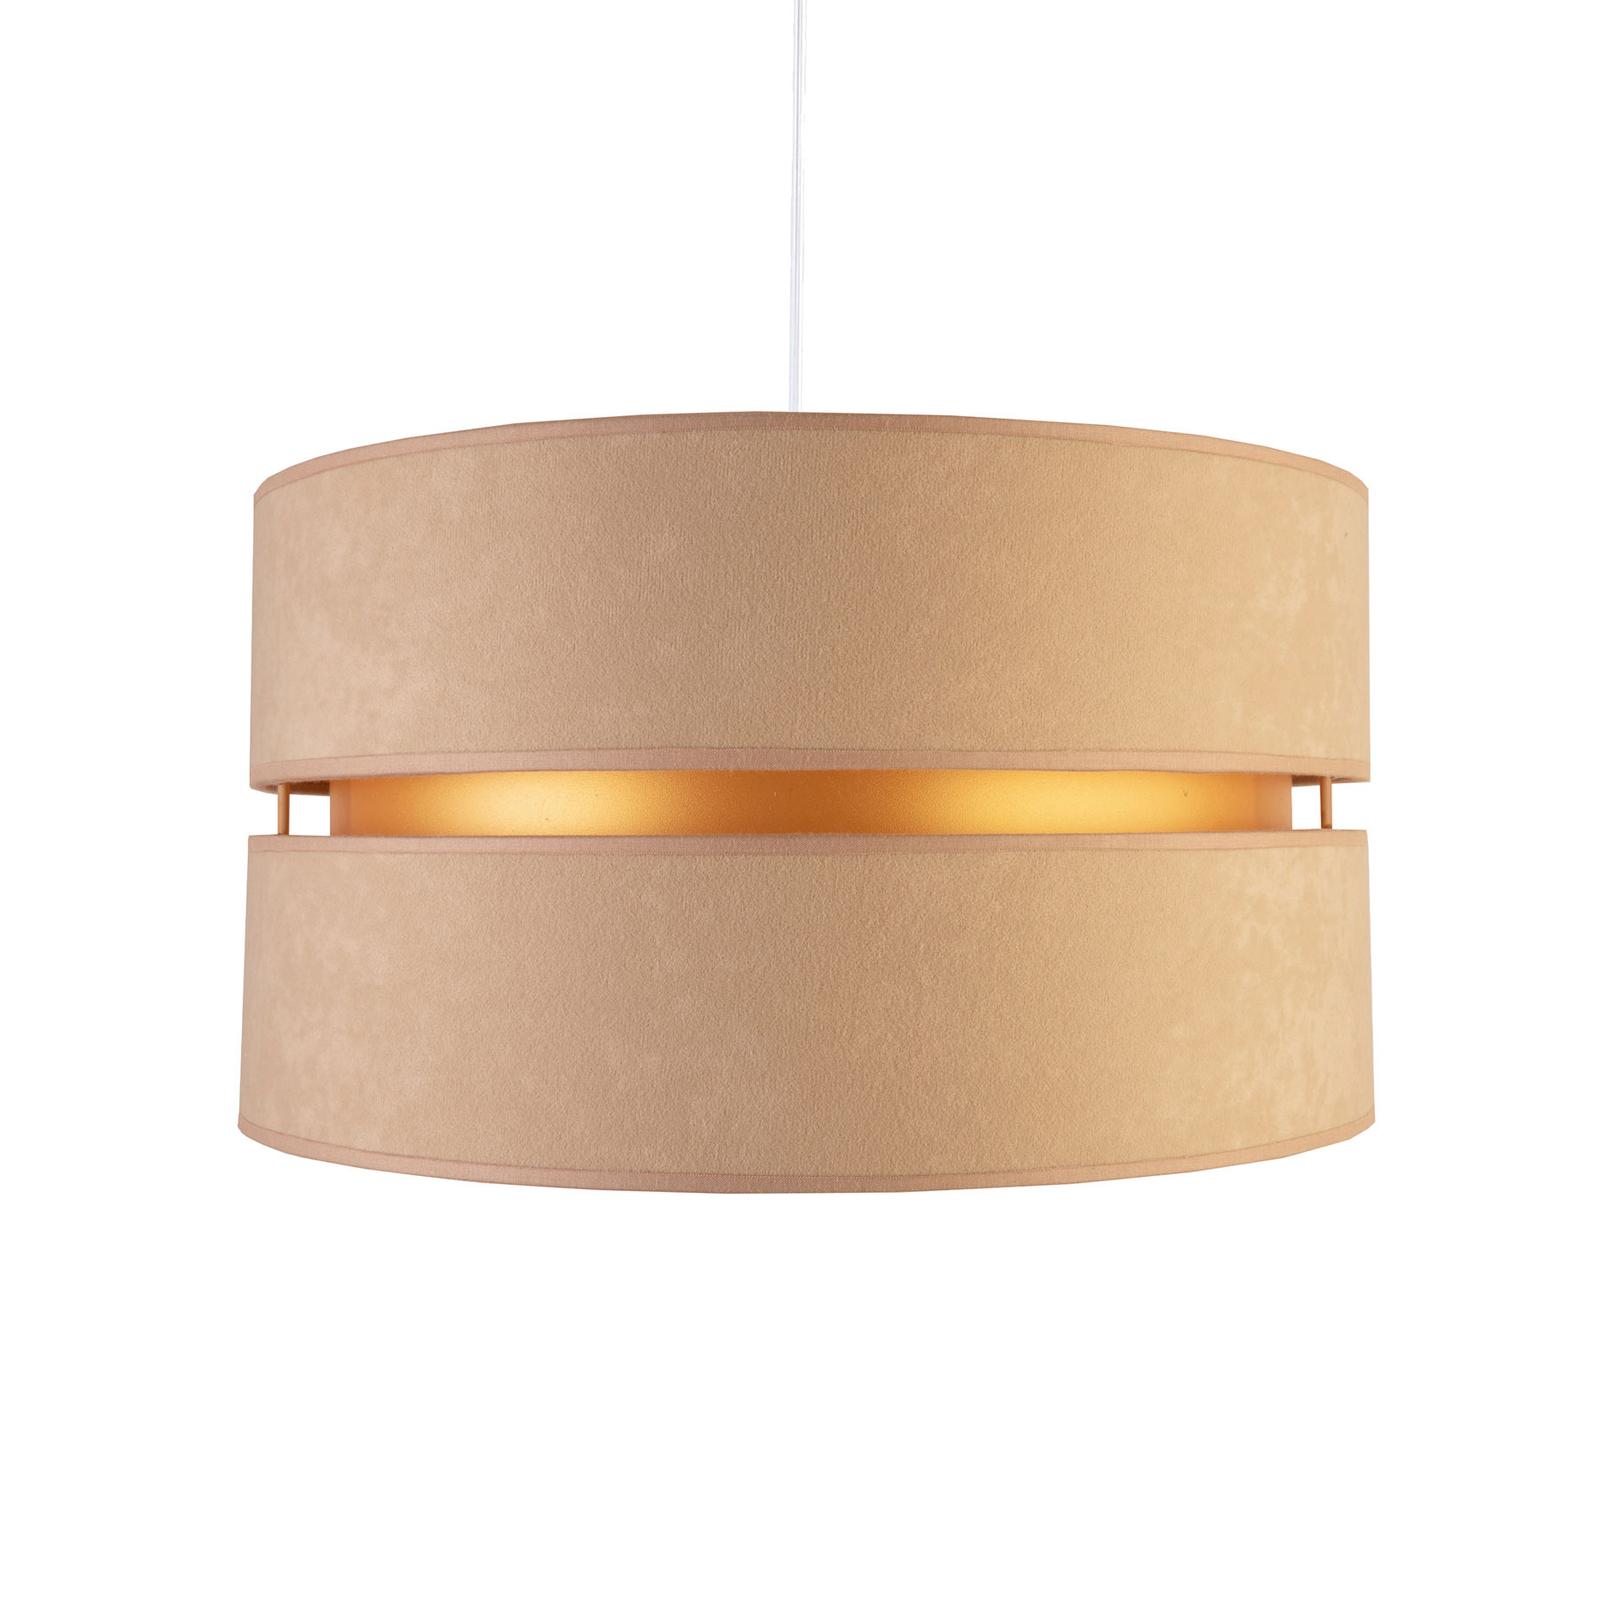 Lampa wisząca Duo, beżowa/złota